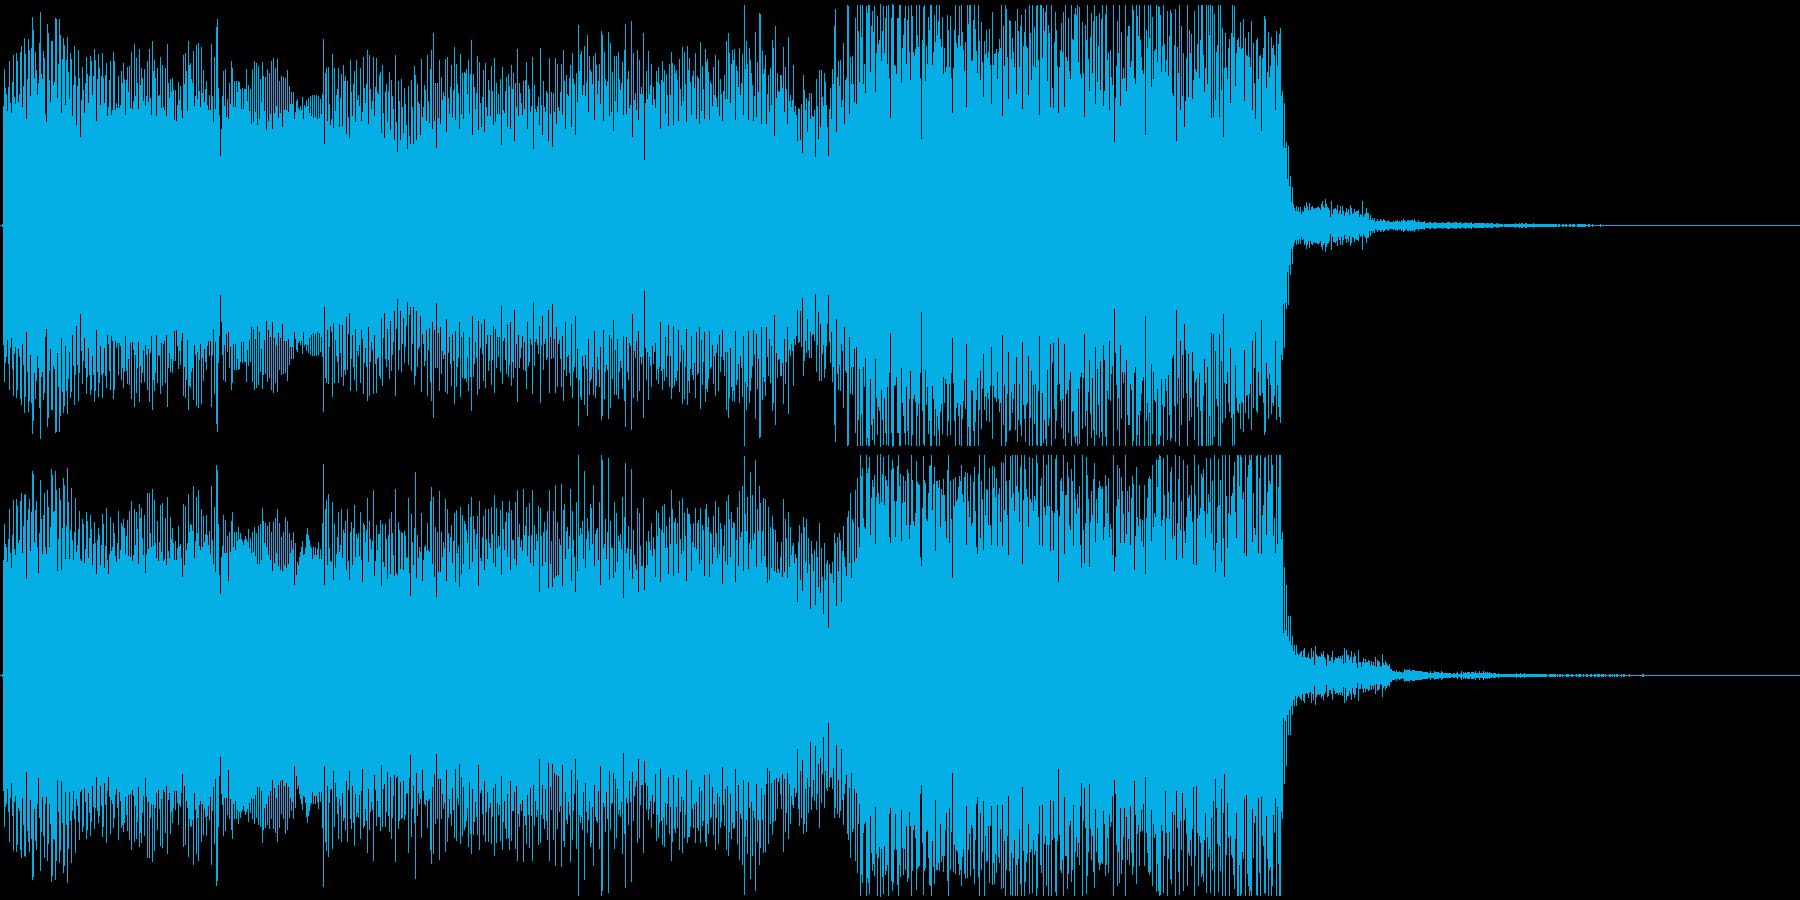 ゲームオーバーの怪しいシンセジングルの再生済みの波形